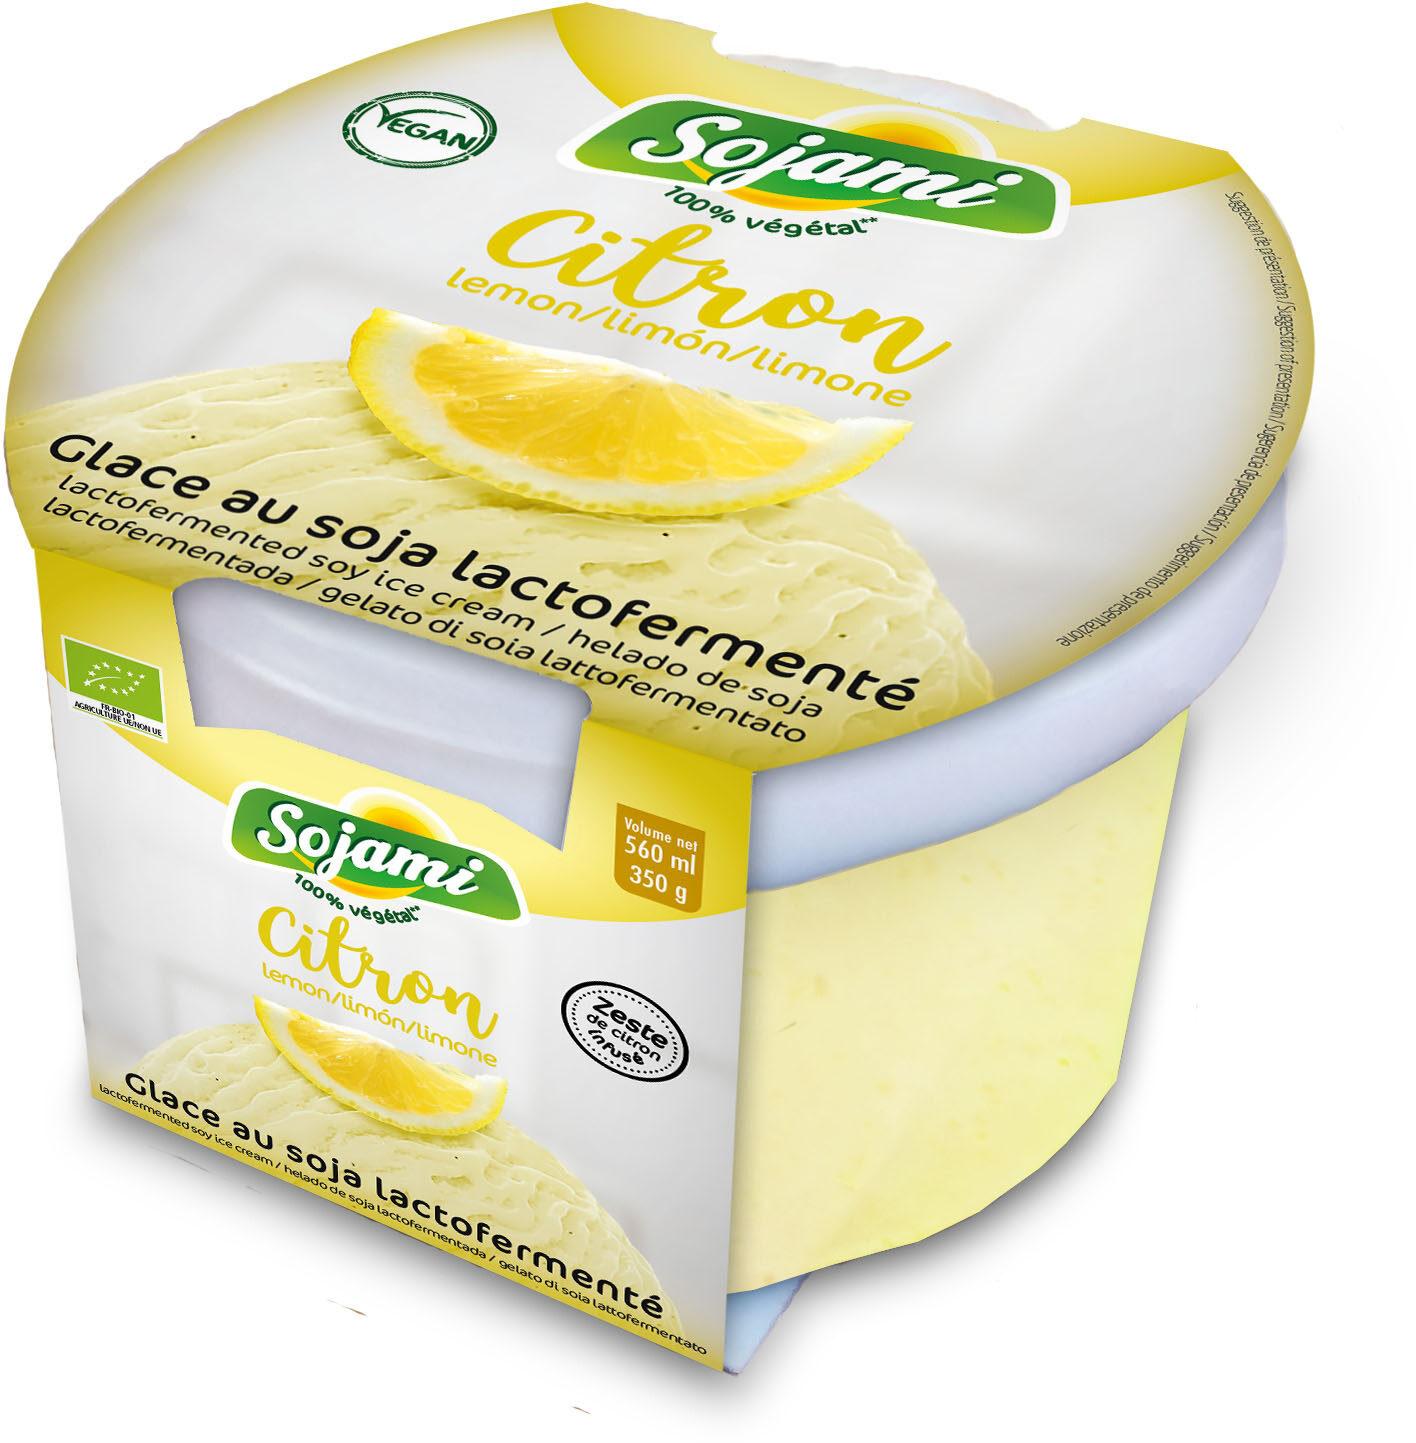 GLACE SOJA LACTOFERMENTE CITRON - Produkt - fr